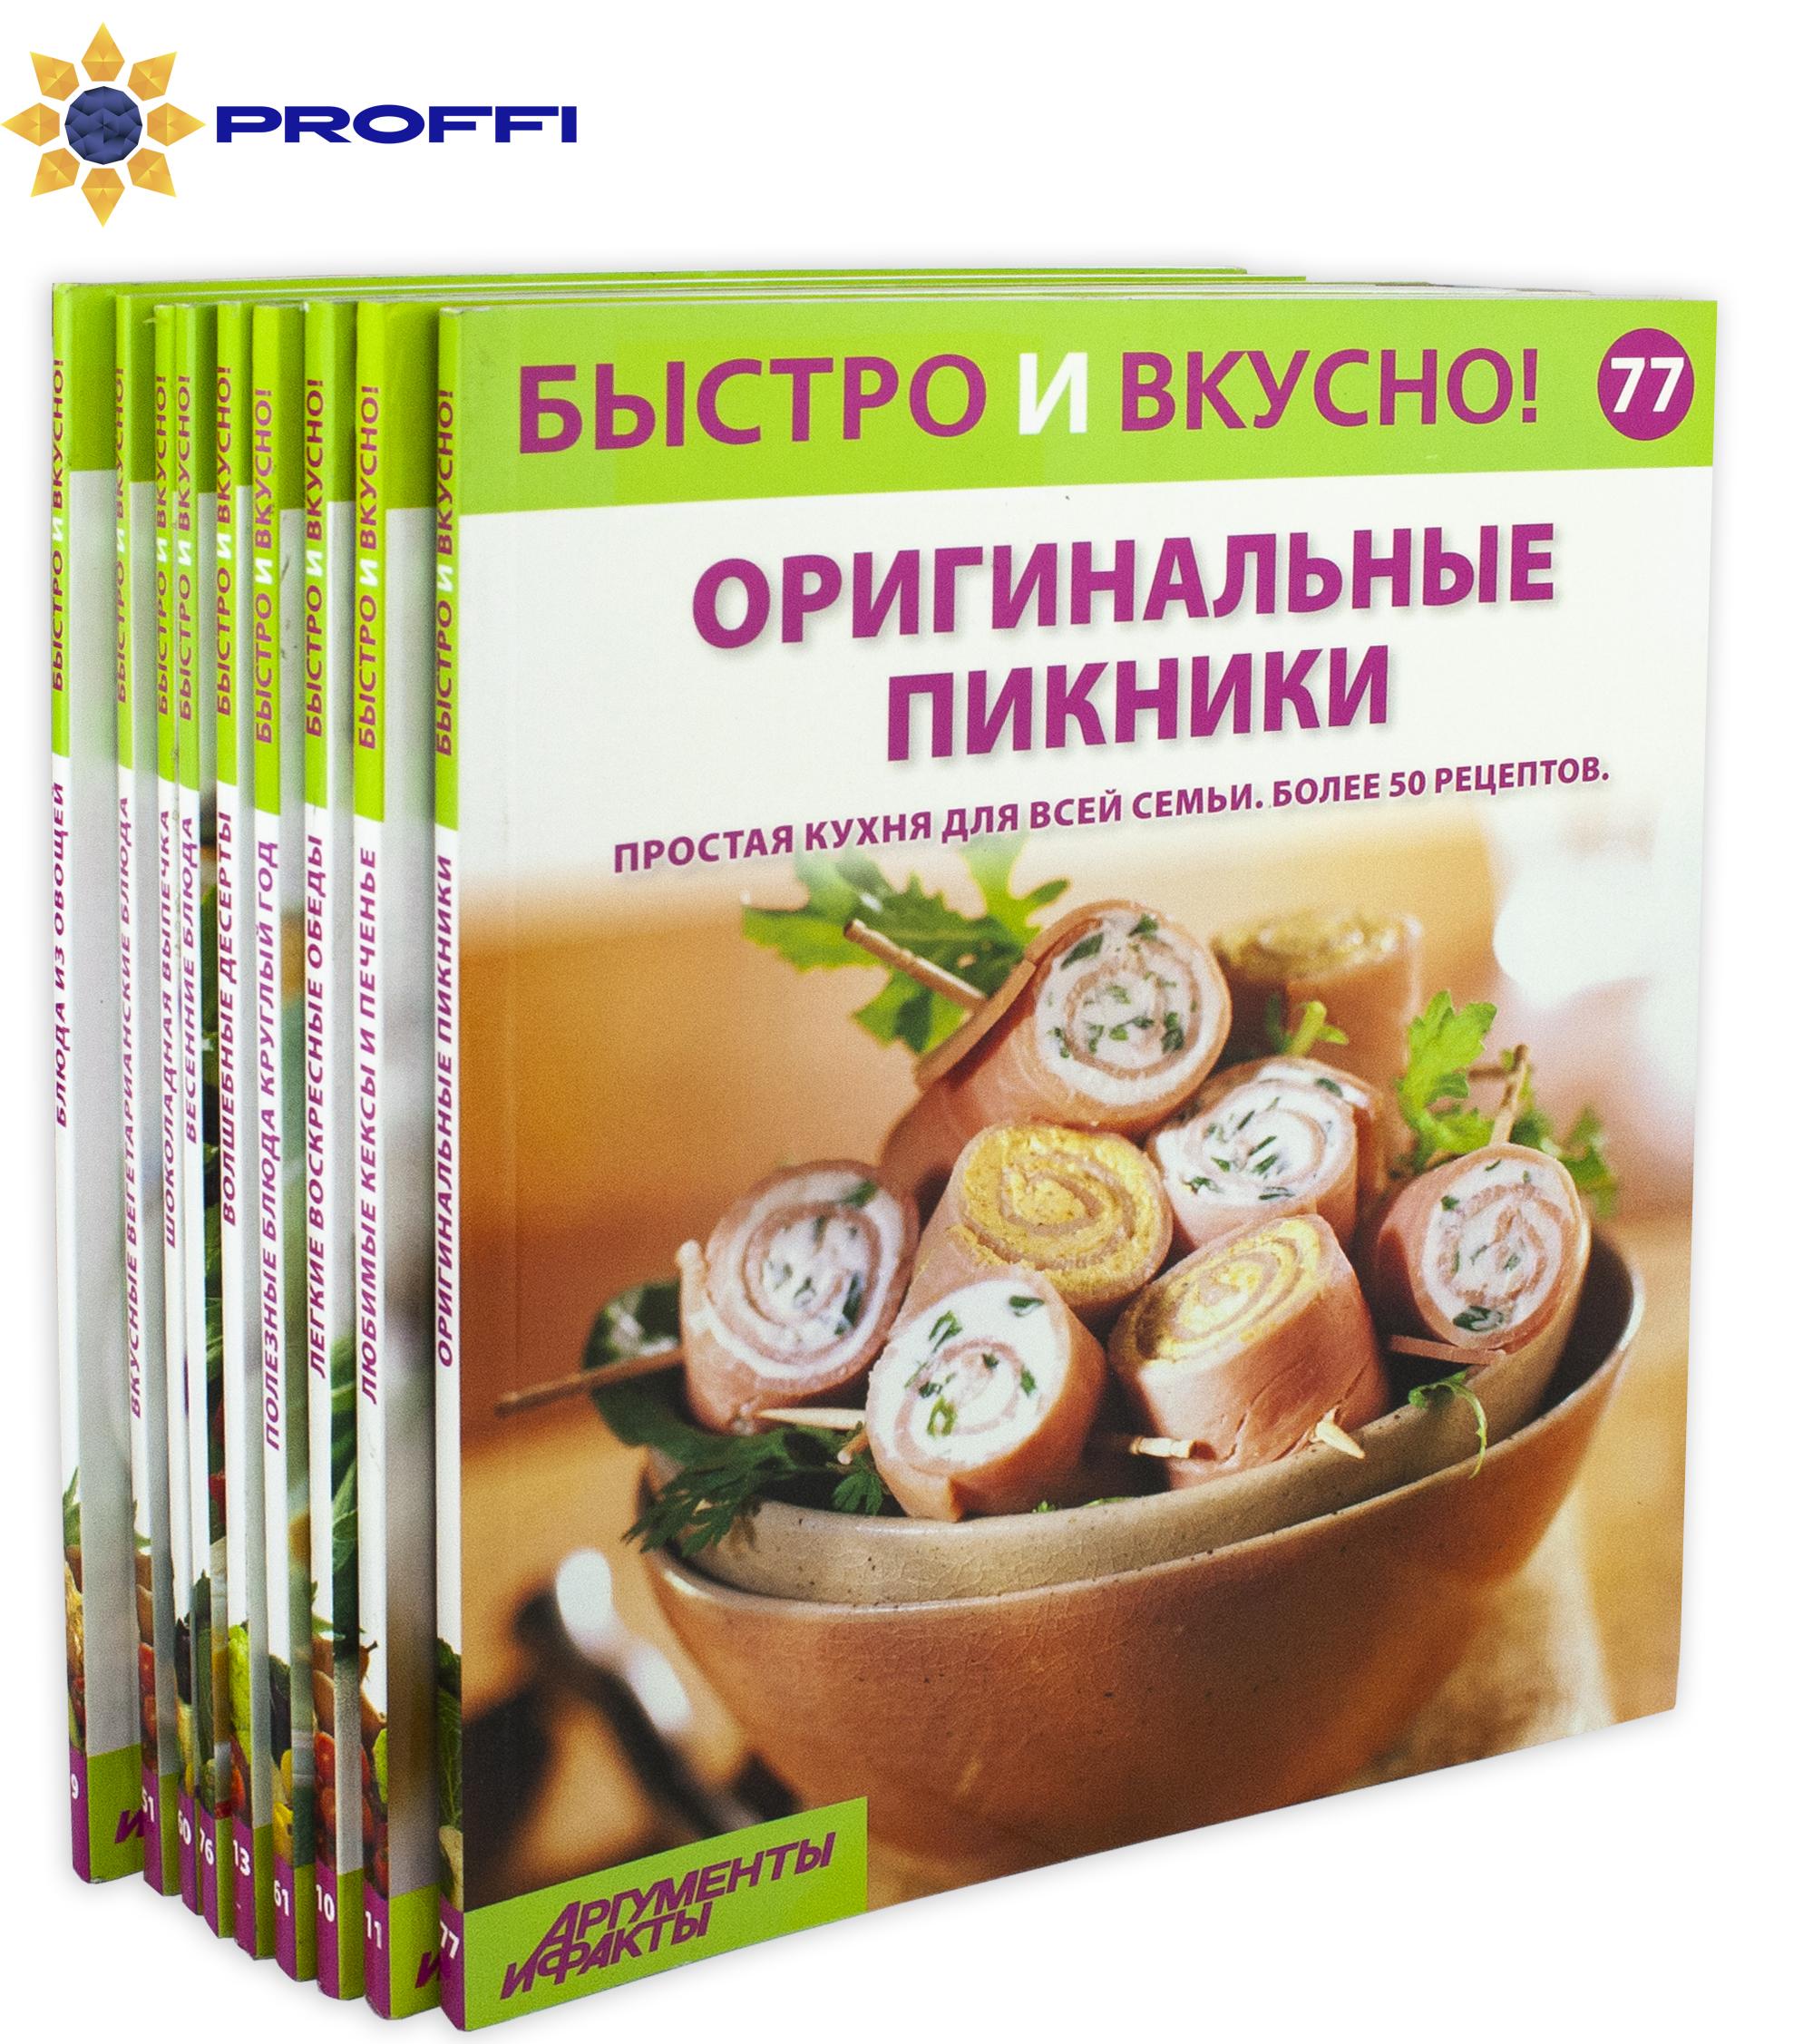 Набор книг Быстро и вкусно 9 шт